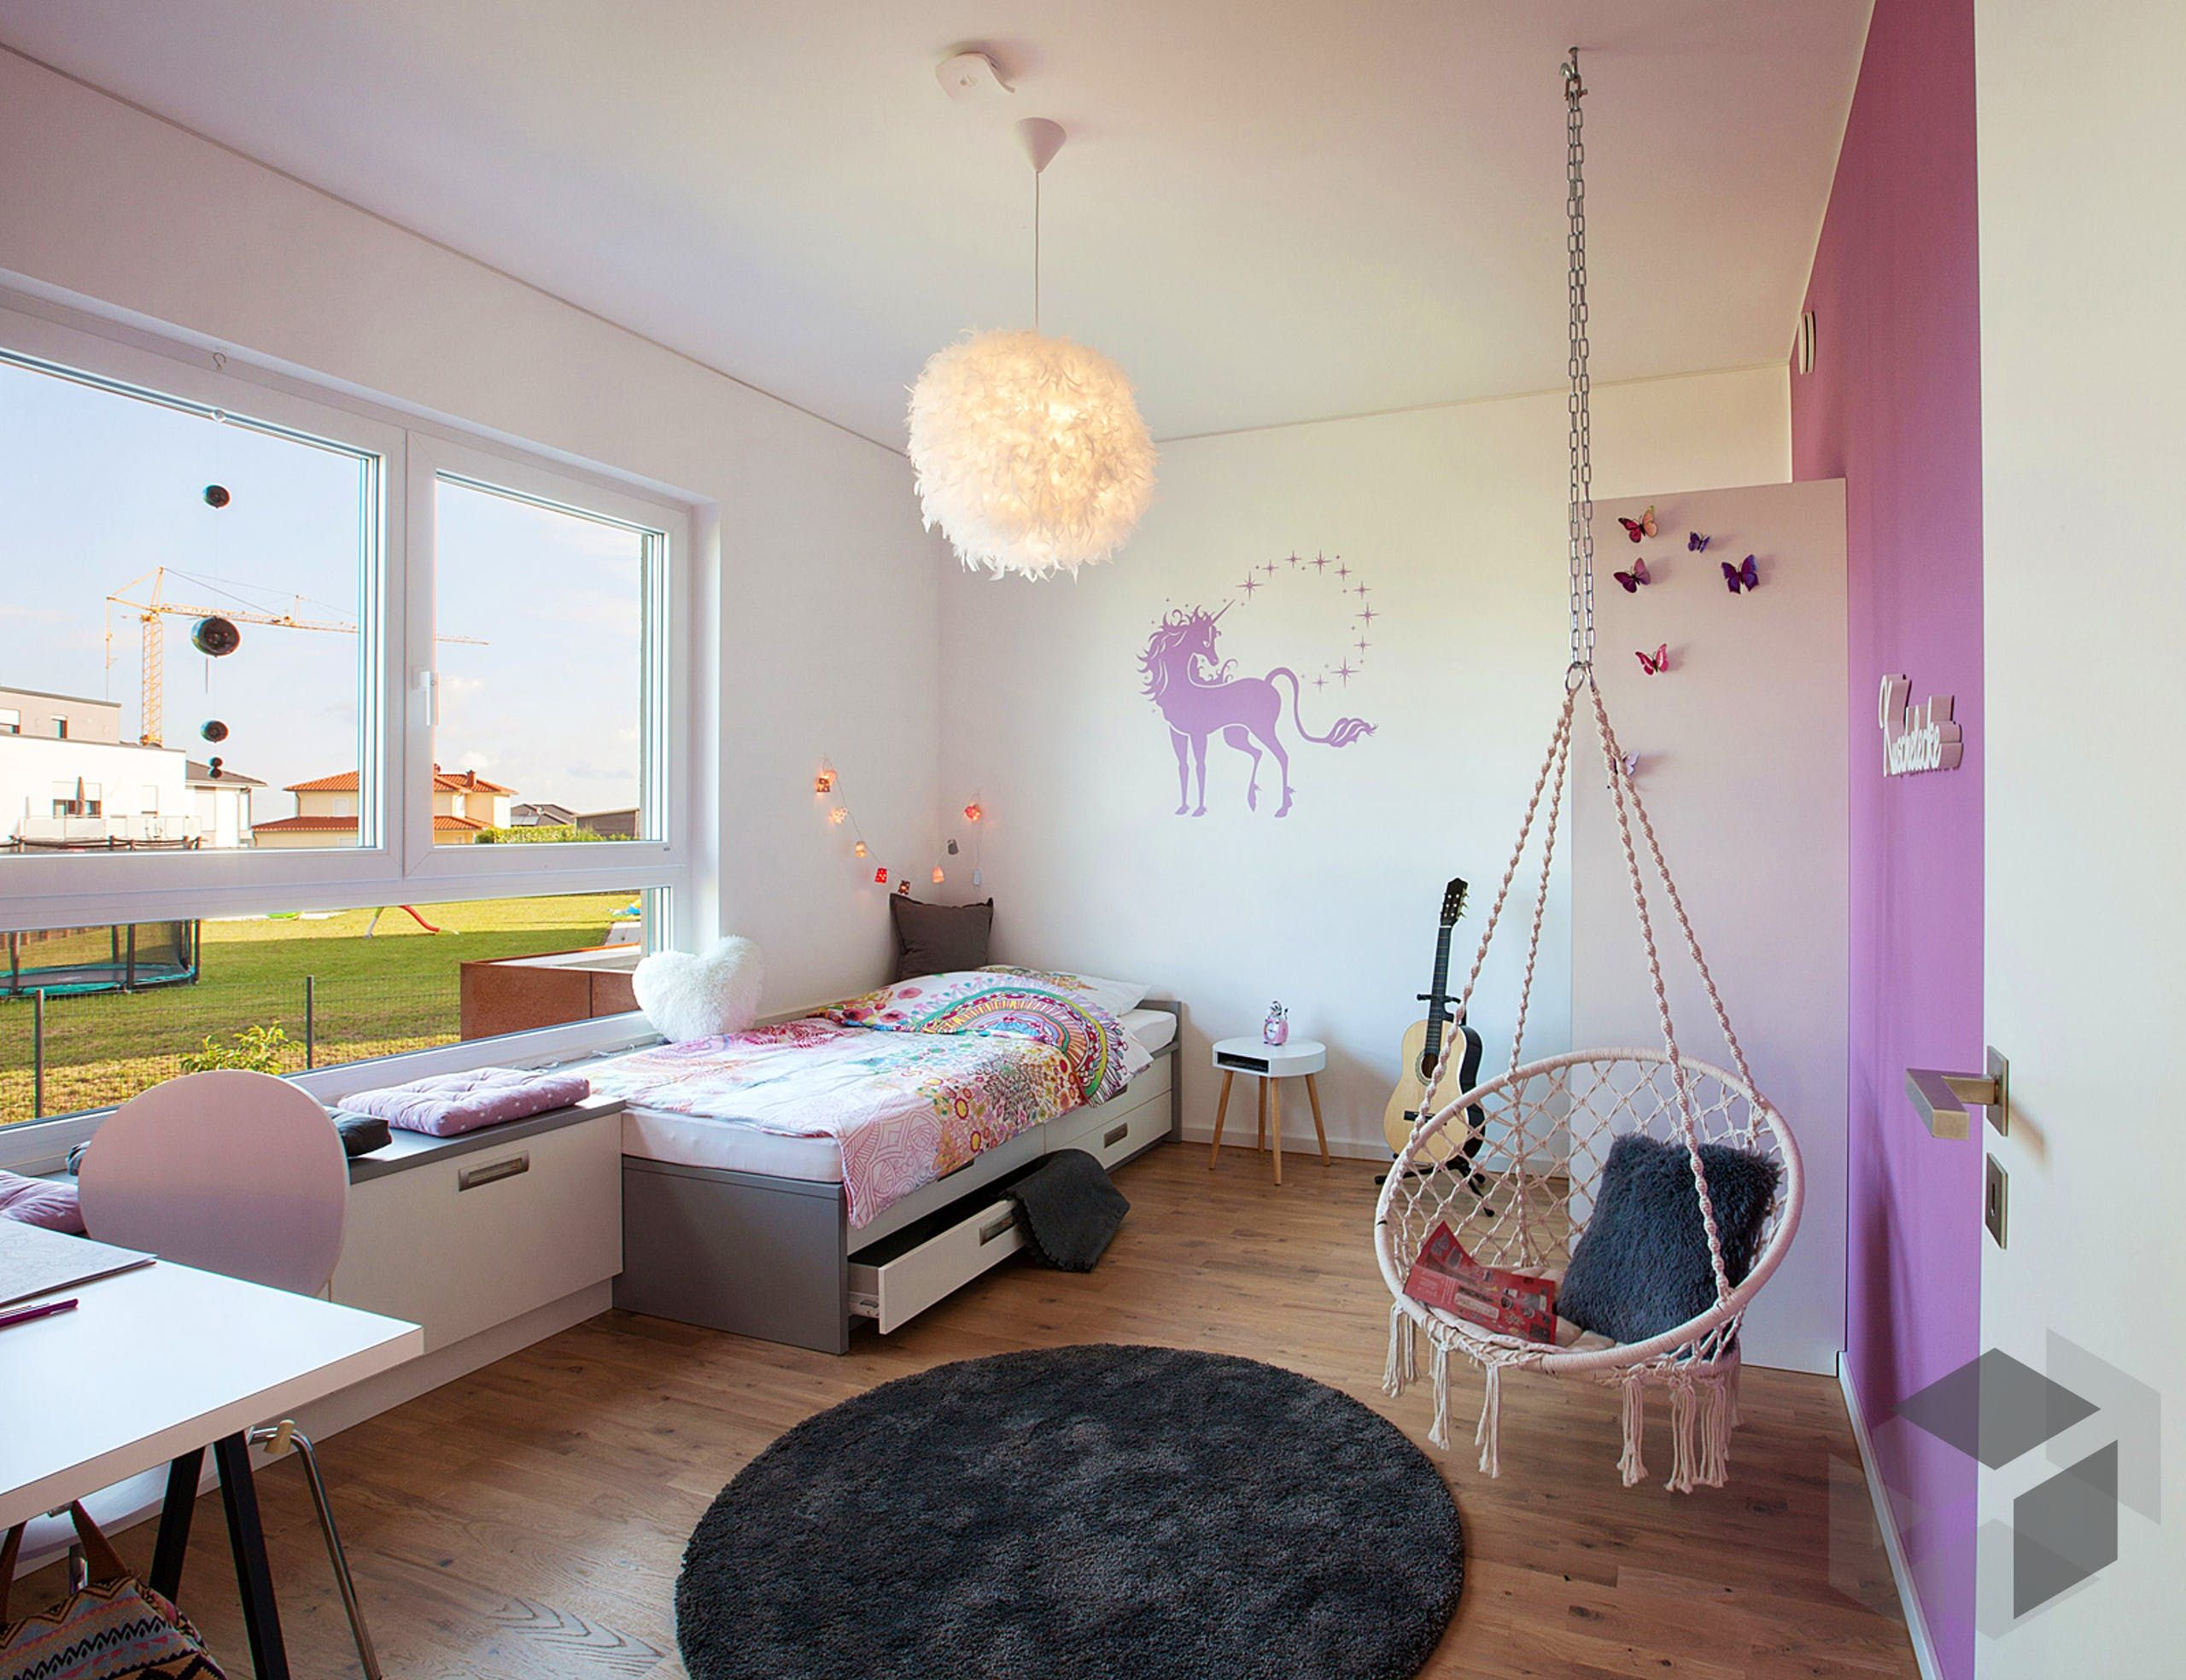 Full Size of Kinderzimmer Einrichtung Aus Dem Musterhaus Wincheringen Von Wolf Regal Weiß Regale Sofa Kinderzimmer Kinderzimmer Einrichtung